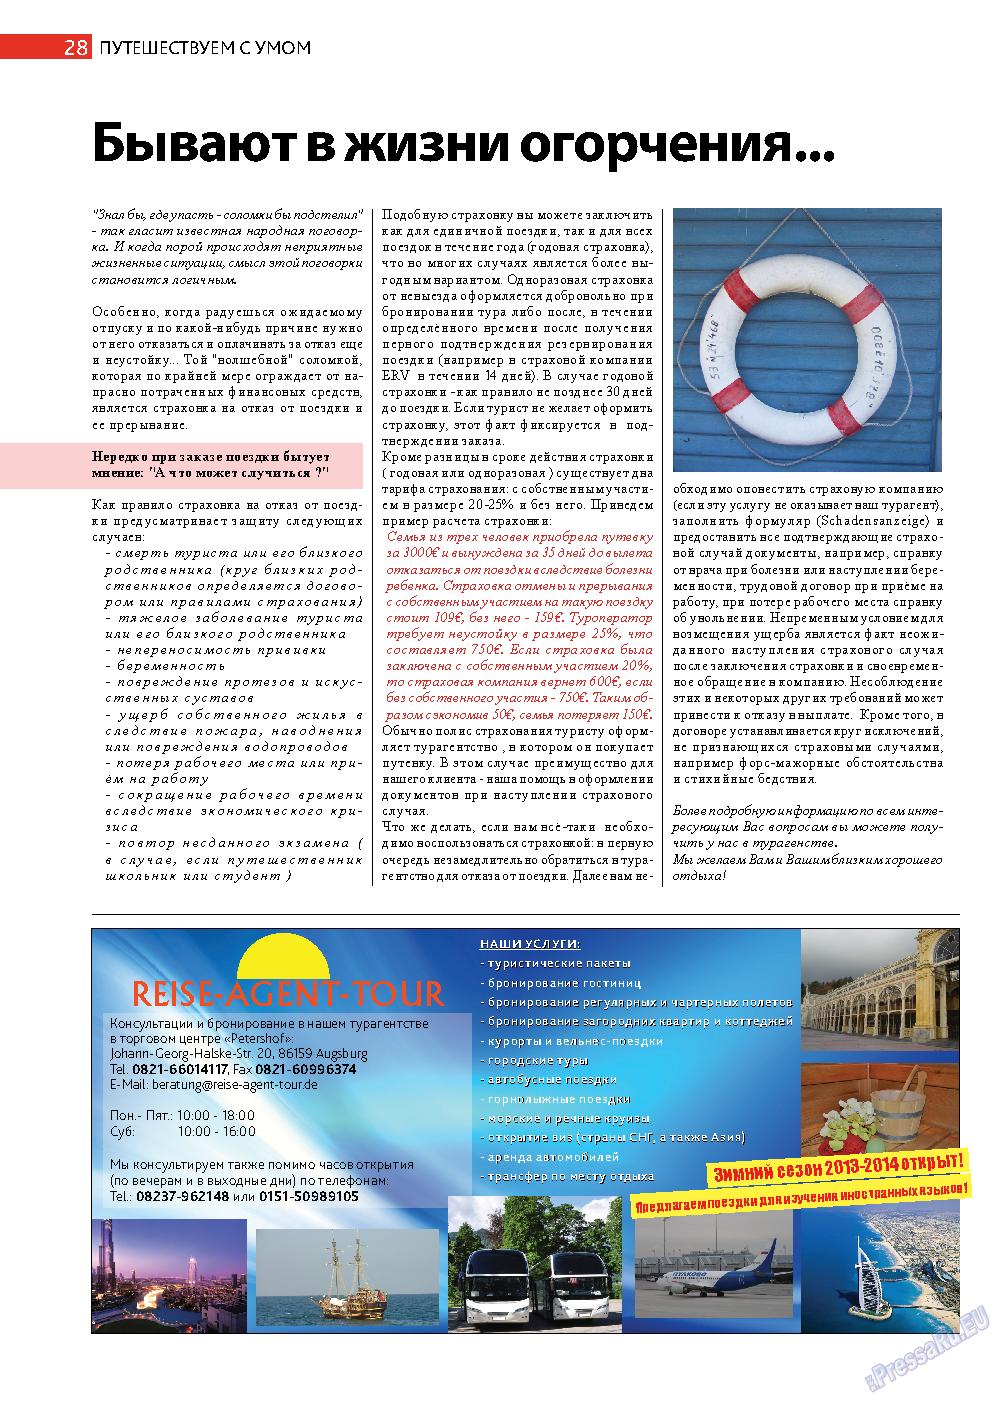 Афиша Augsburg (журнал). 2013 год, номер 8, стр. 28